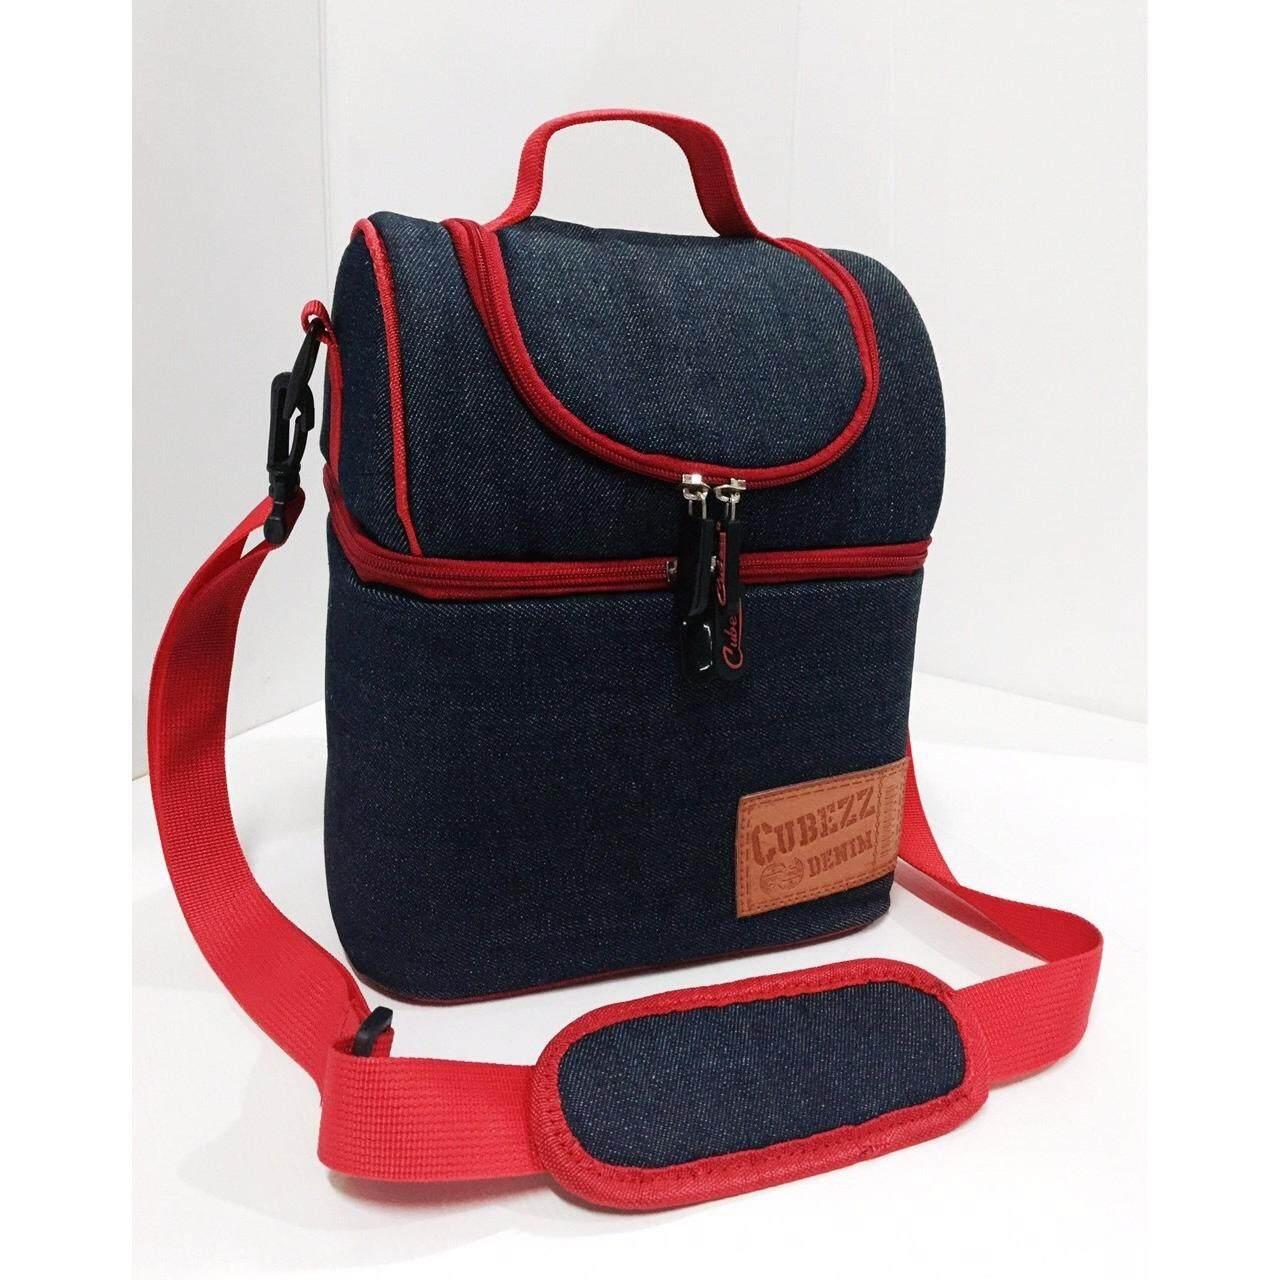 ซื้อ Cubezz กระเป๋าเก็บความเย็น 2 ชั้น ผ้ายีนส์ฟอก สีดำ พร้อมเจลแพ็ค 4 ชิ้น ออนไลน์ กรุงเทพมหานคร